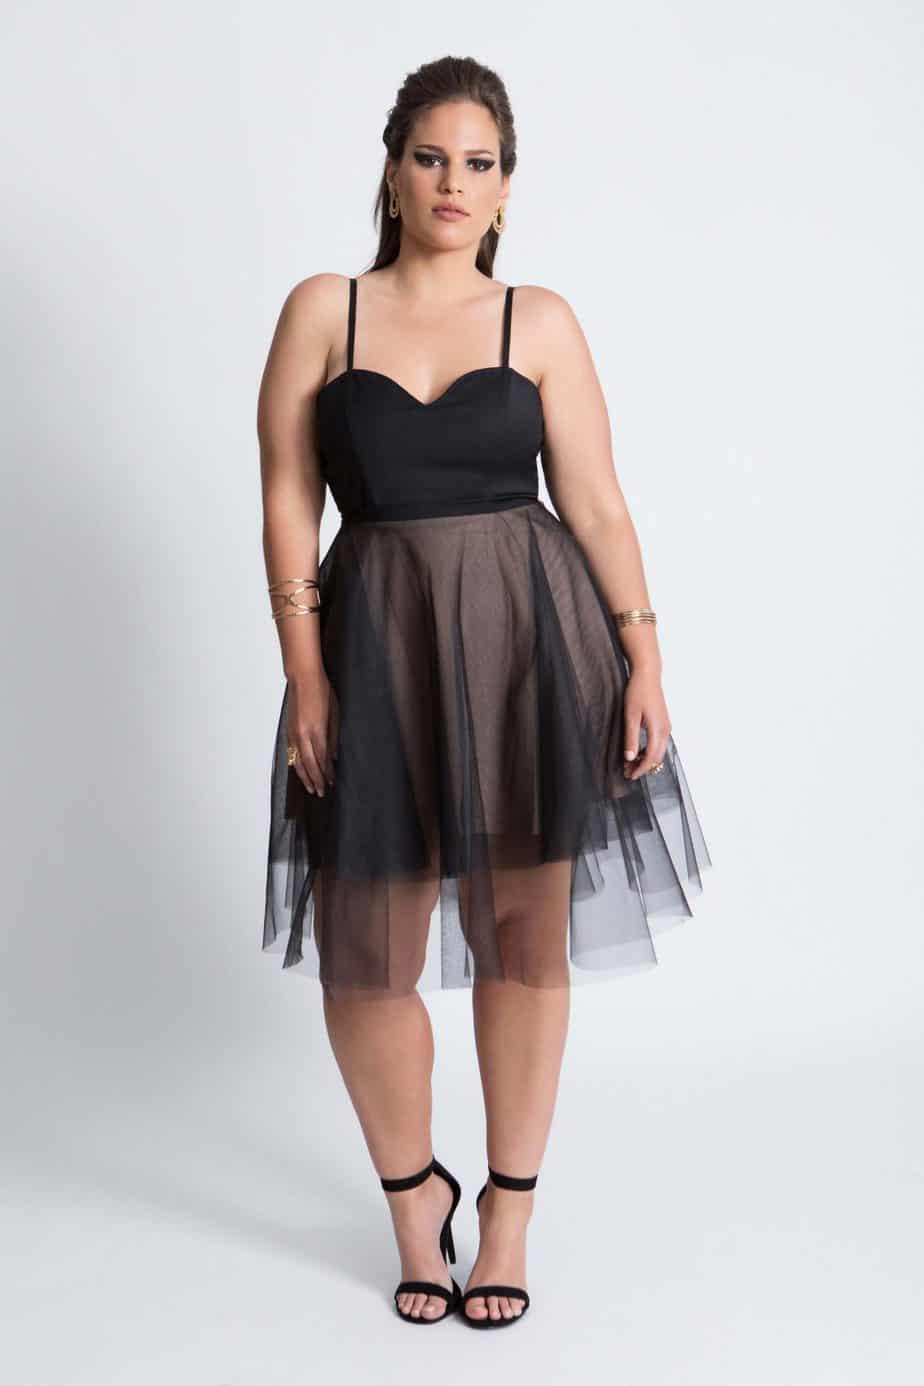 שמלה של רז אלנתן, צילום יח״צ - 1